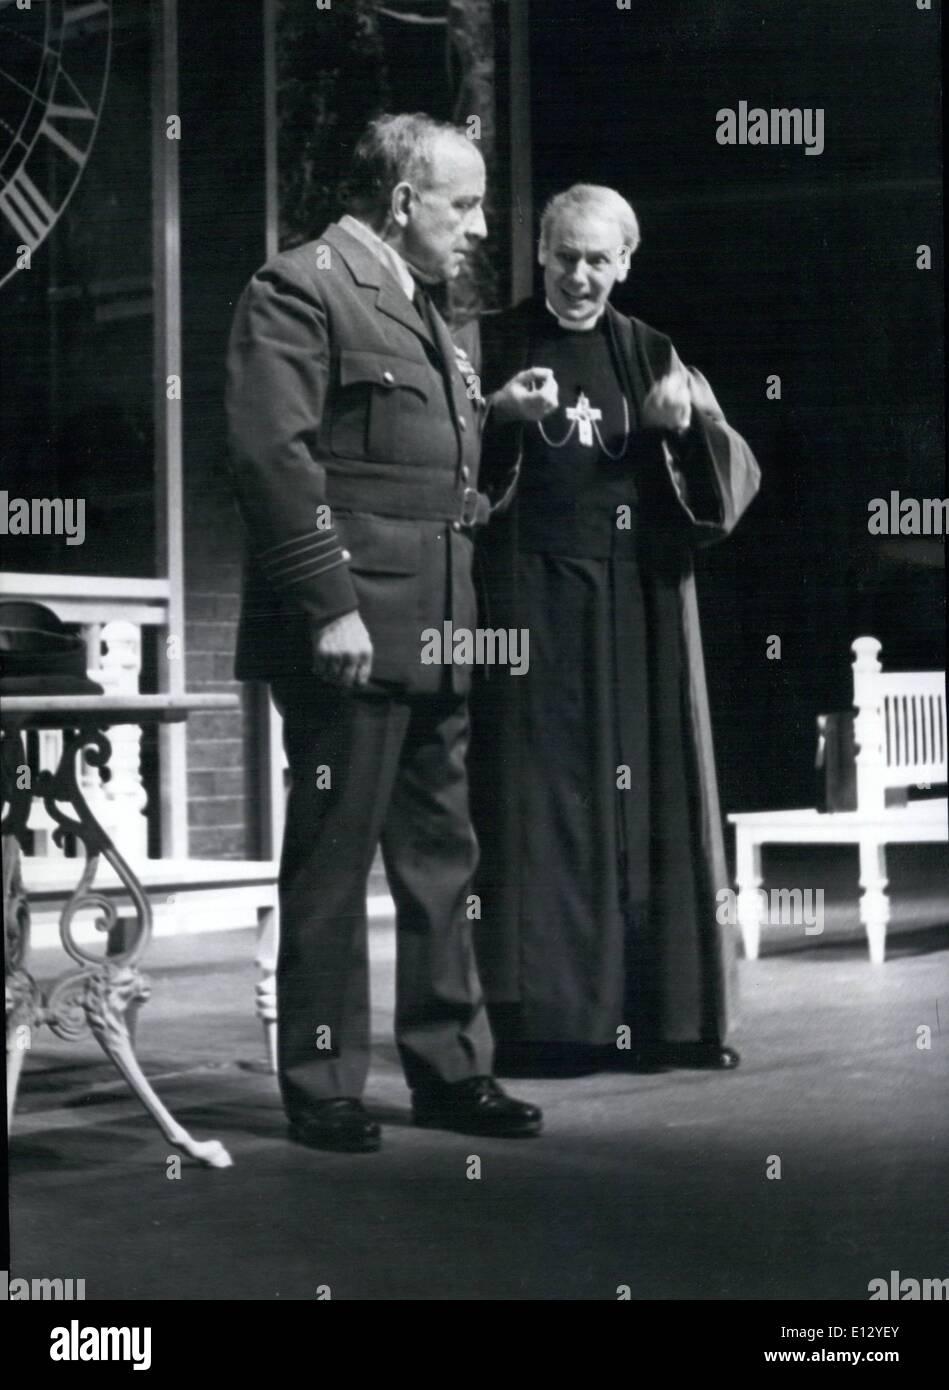 Febbraio 26, 2012 - World-Premiere di Hochhuth il ''i soldati'' (Soldaten) a Berlino Ovest (Hochhuth è autore ''Il Vice'') Immagini Stock